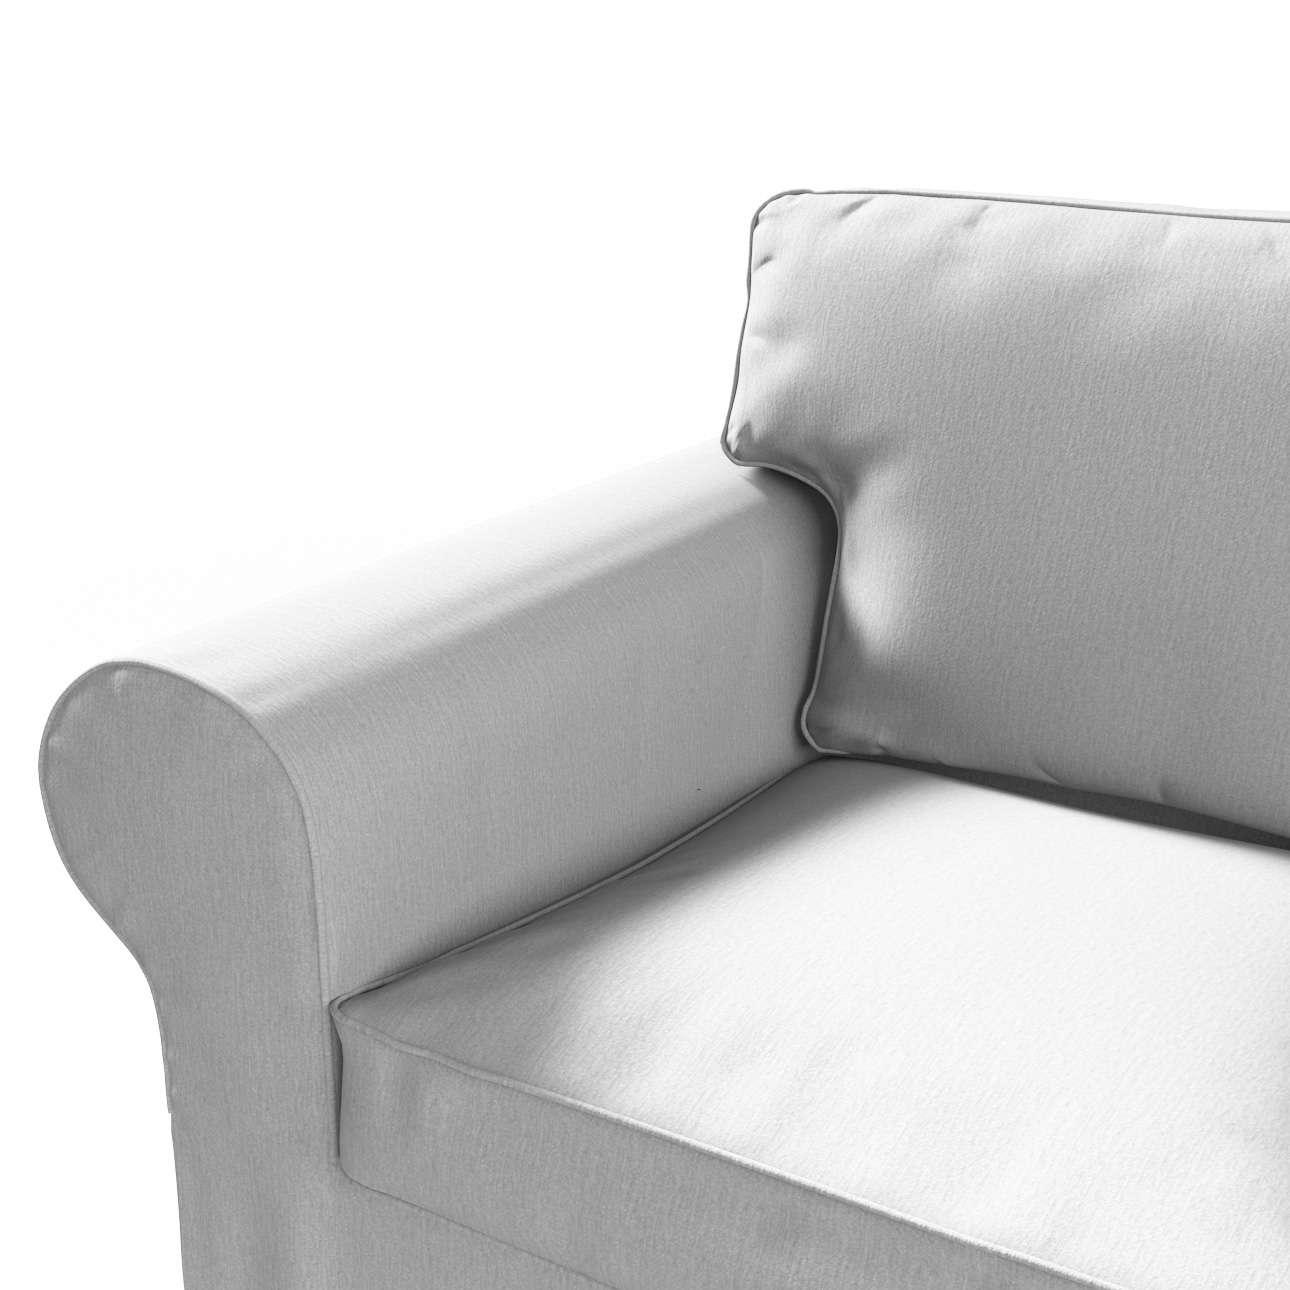 Pokrowiec na sofę Ektorp 2-osobową, rozkładaną STARY MODEL Sofa Ektorp 2-osobowa rozkładana w kolekcji Chenille, tkanina: 702-23